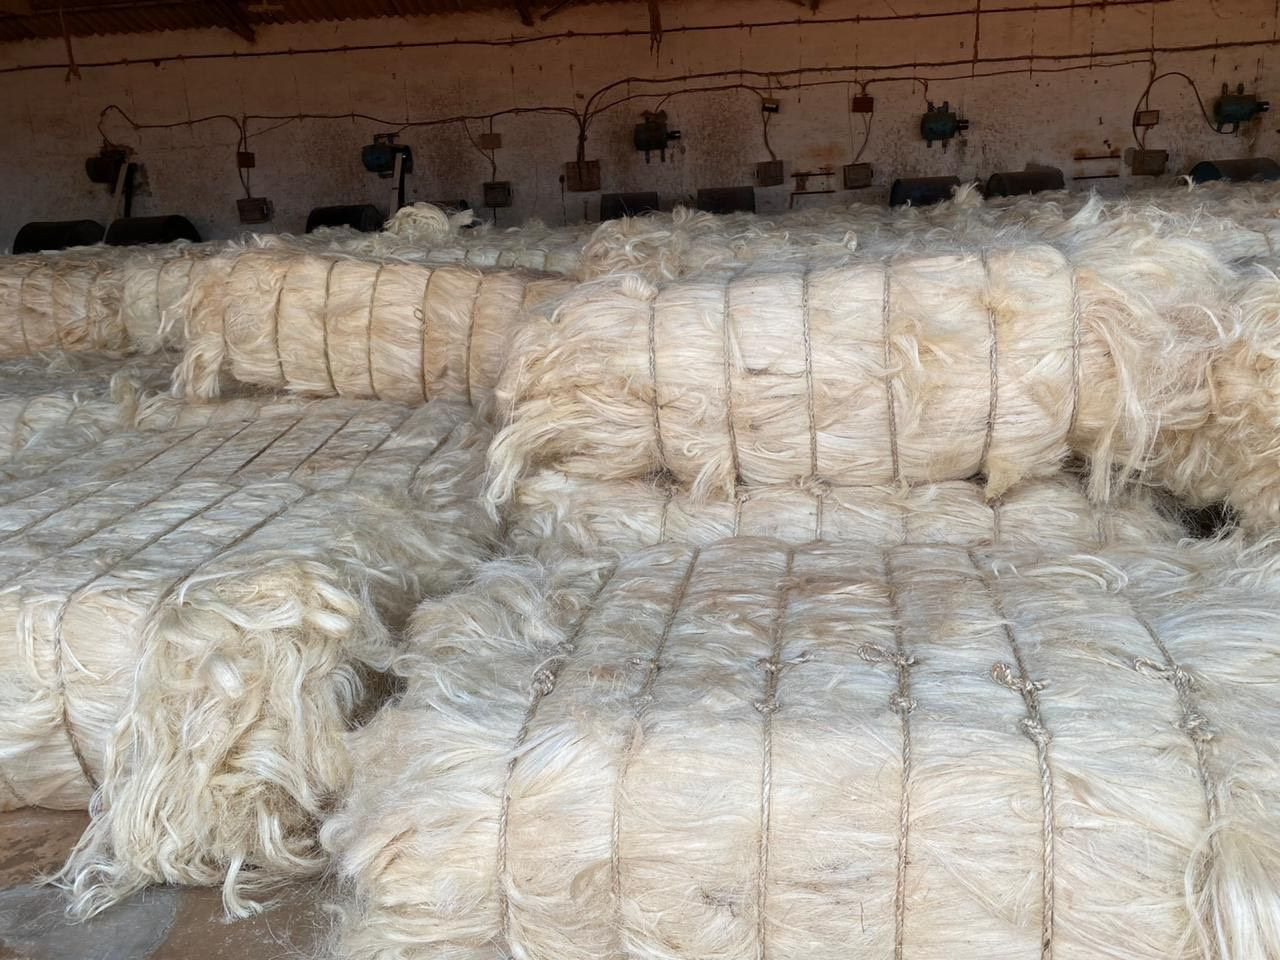 Natural sisal fiber